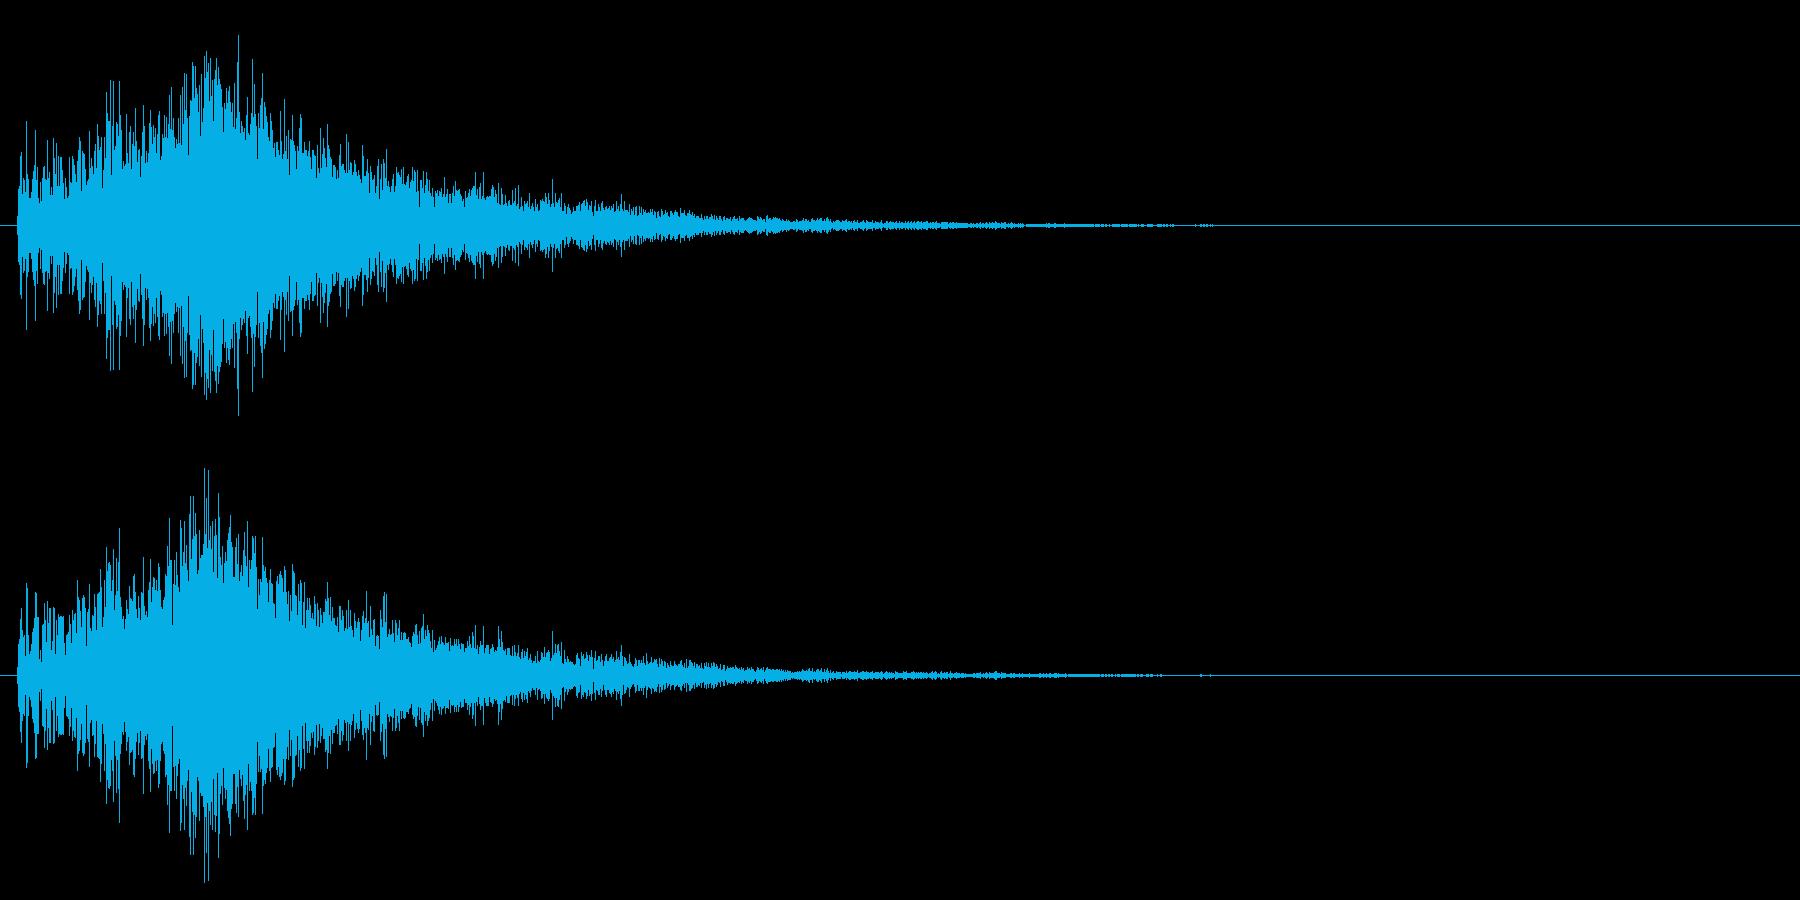 発散系サウンドの再生済みの波形